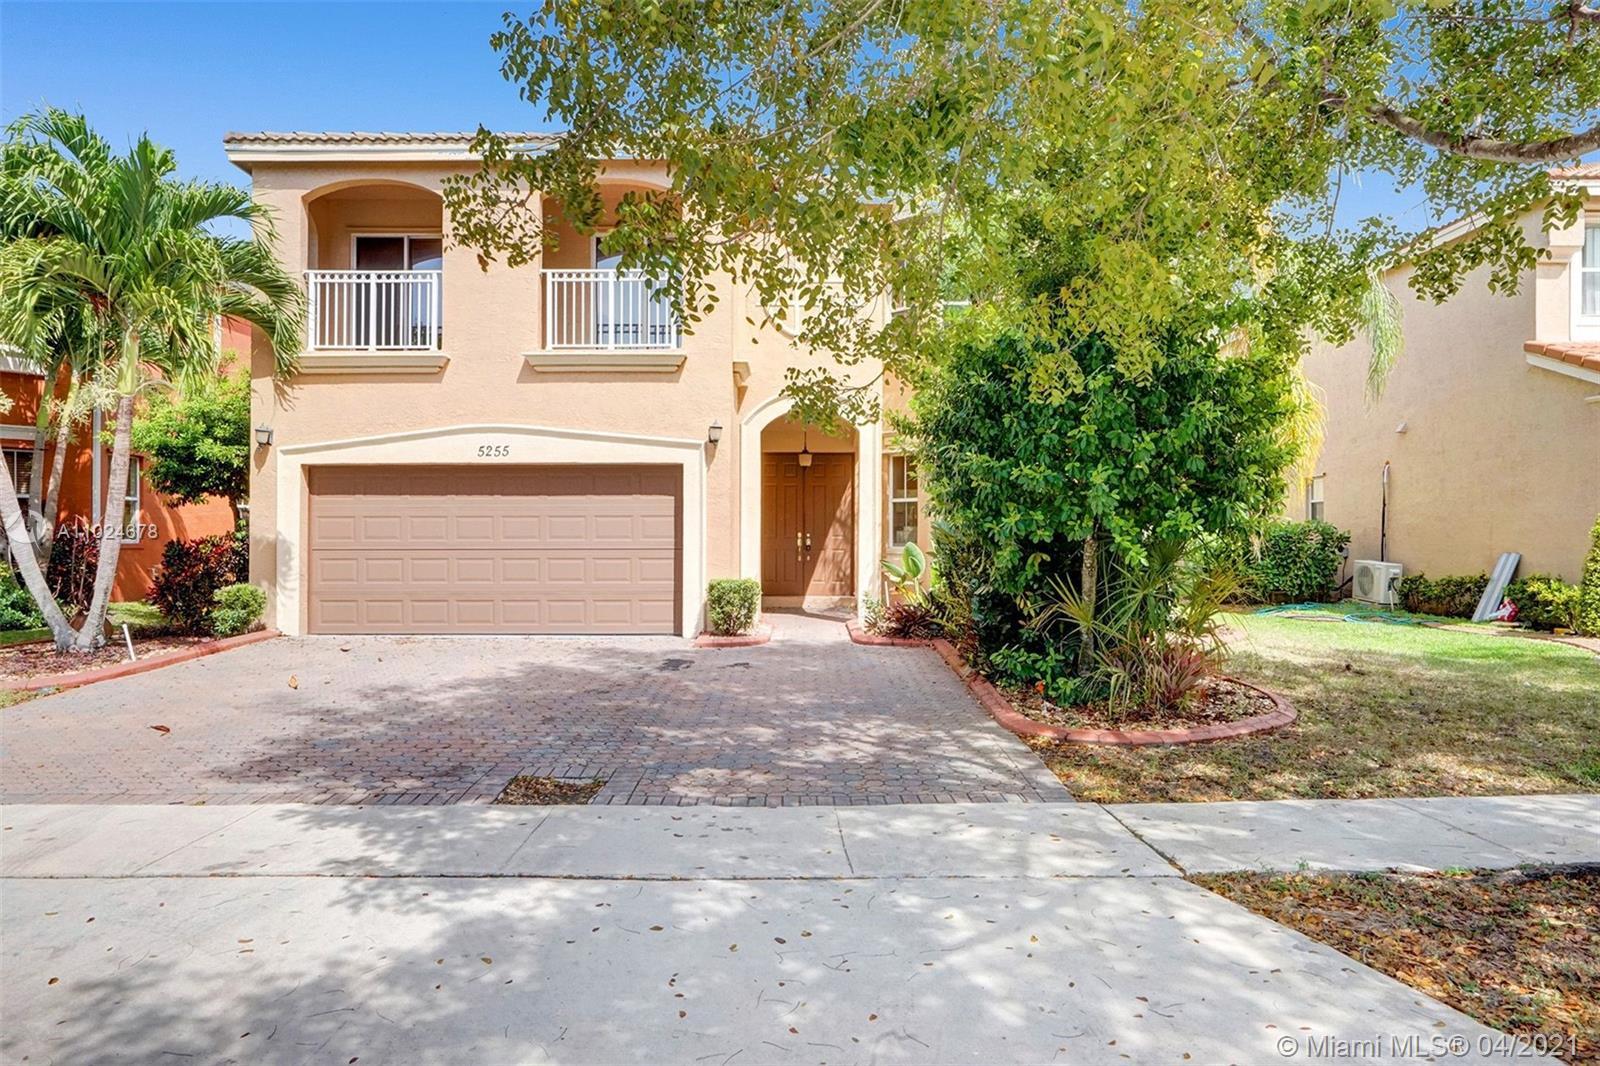 Riviera Isles - 5255 SW 159th Ave, Miramar, FL 33027